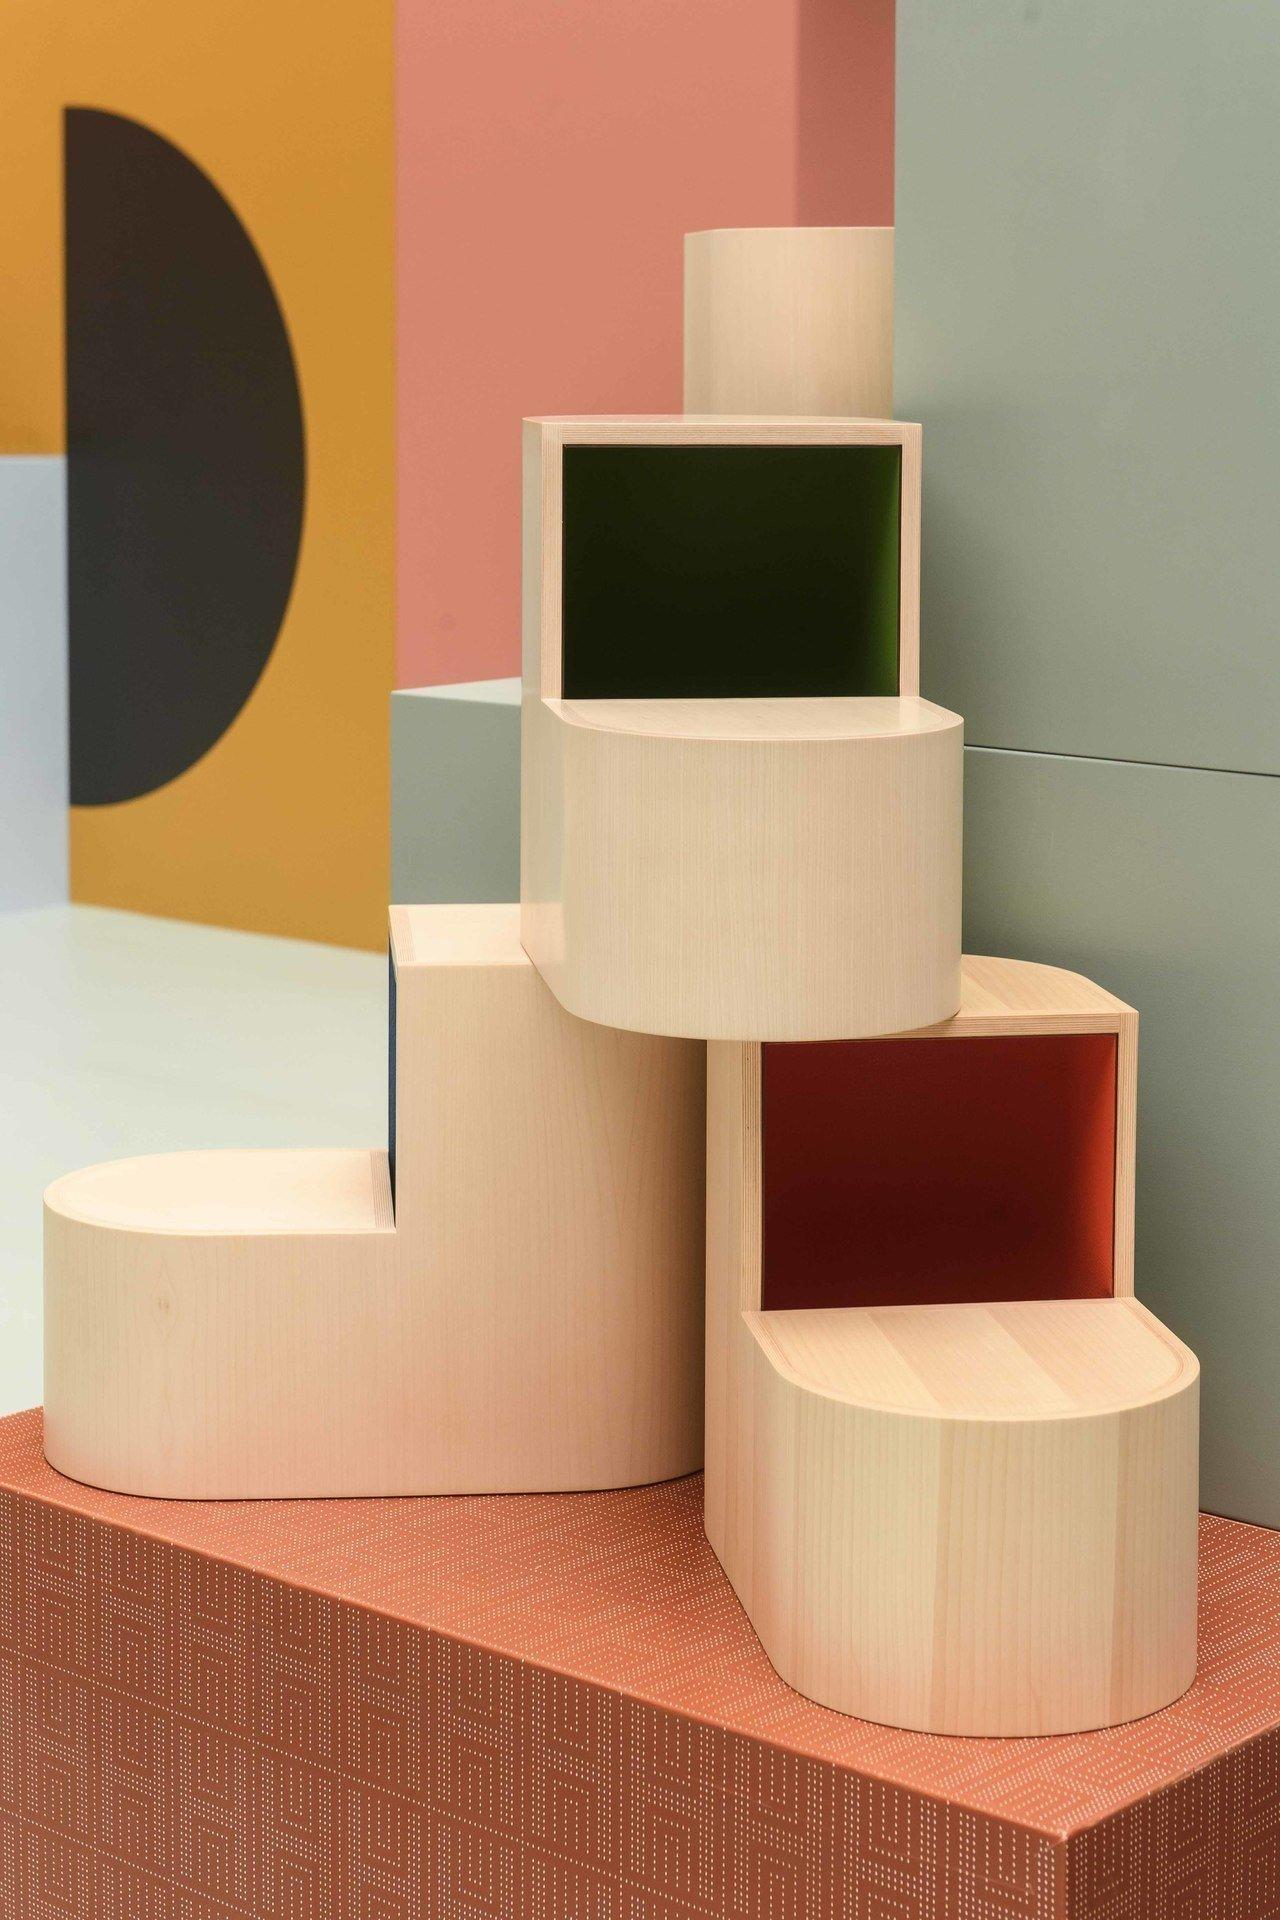 靈感來自馬蹄鐵,內部可以收納東西的多彩SABOT椅凳。圖/愛馬仕提供